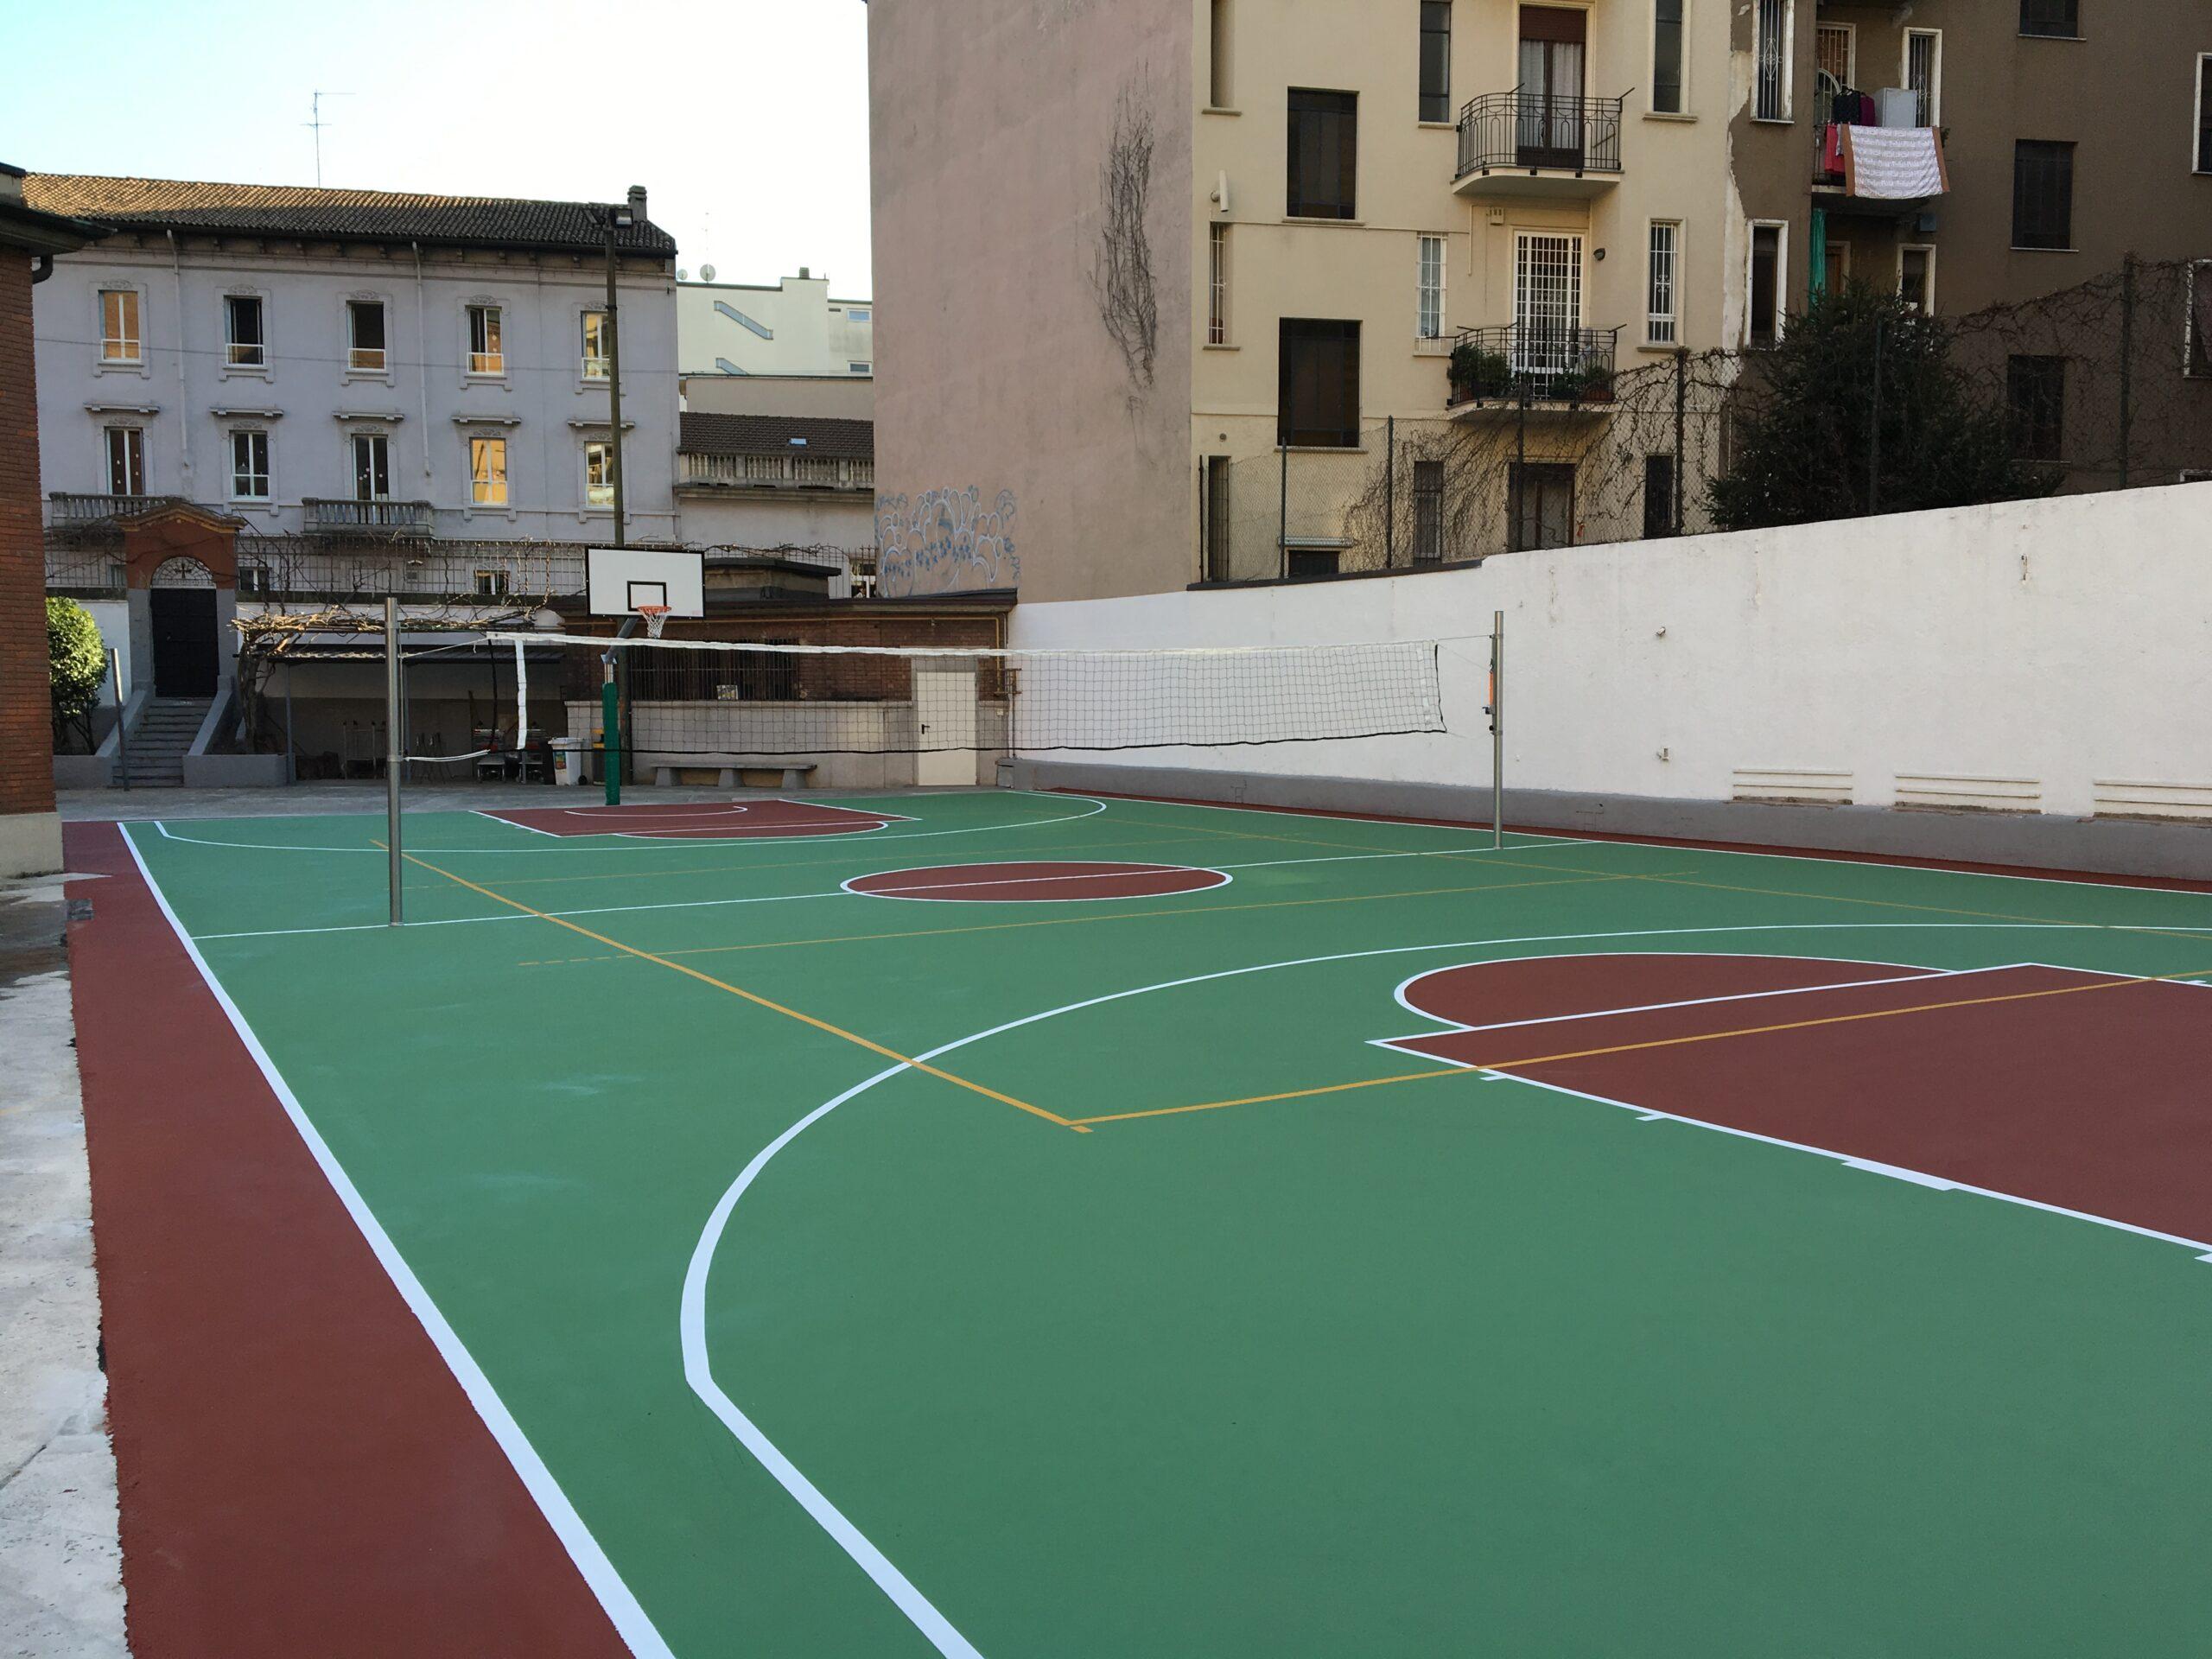 7 Campo sportivo polivalente per parrocchia S. Croce, Via Sidoli (MI)